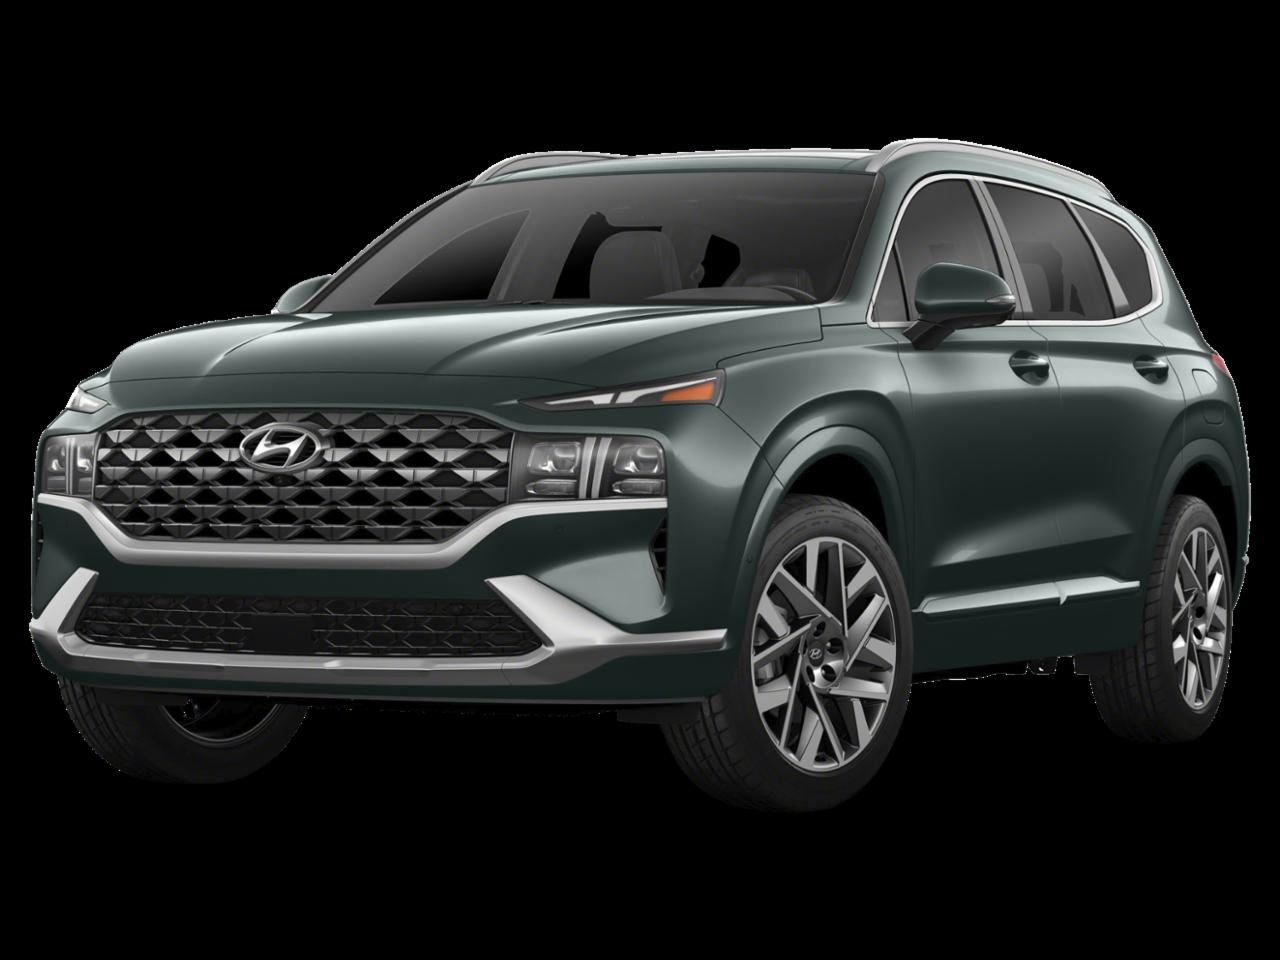 Hyundai 2021 Santa Fe Limited